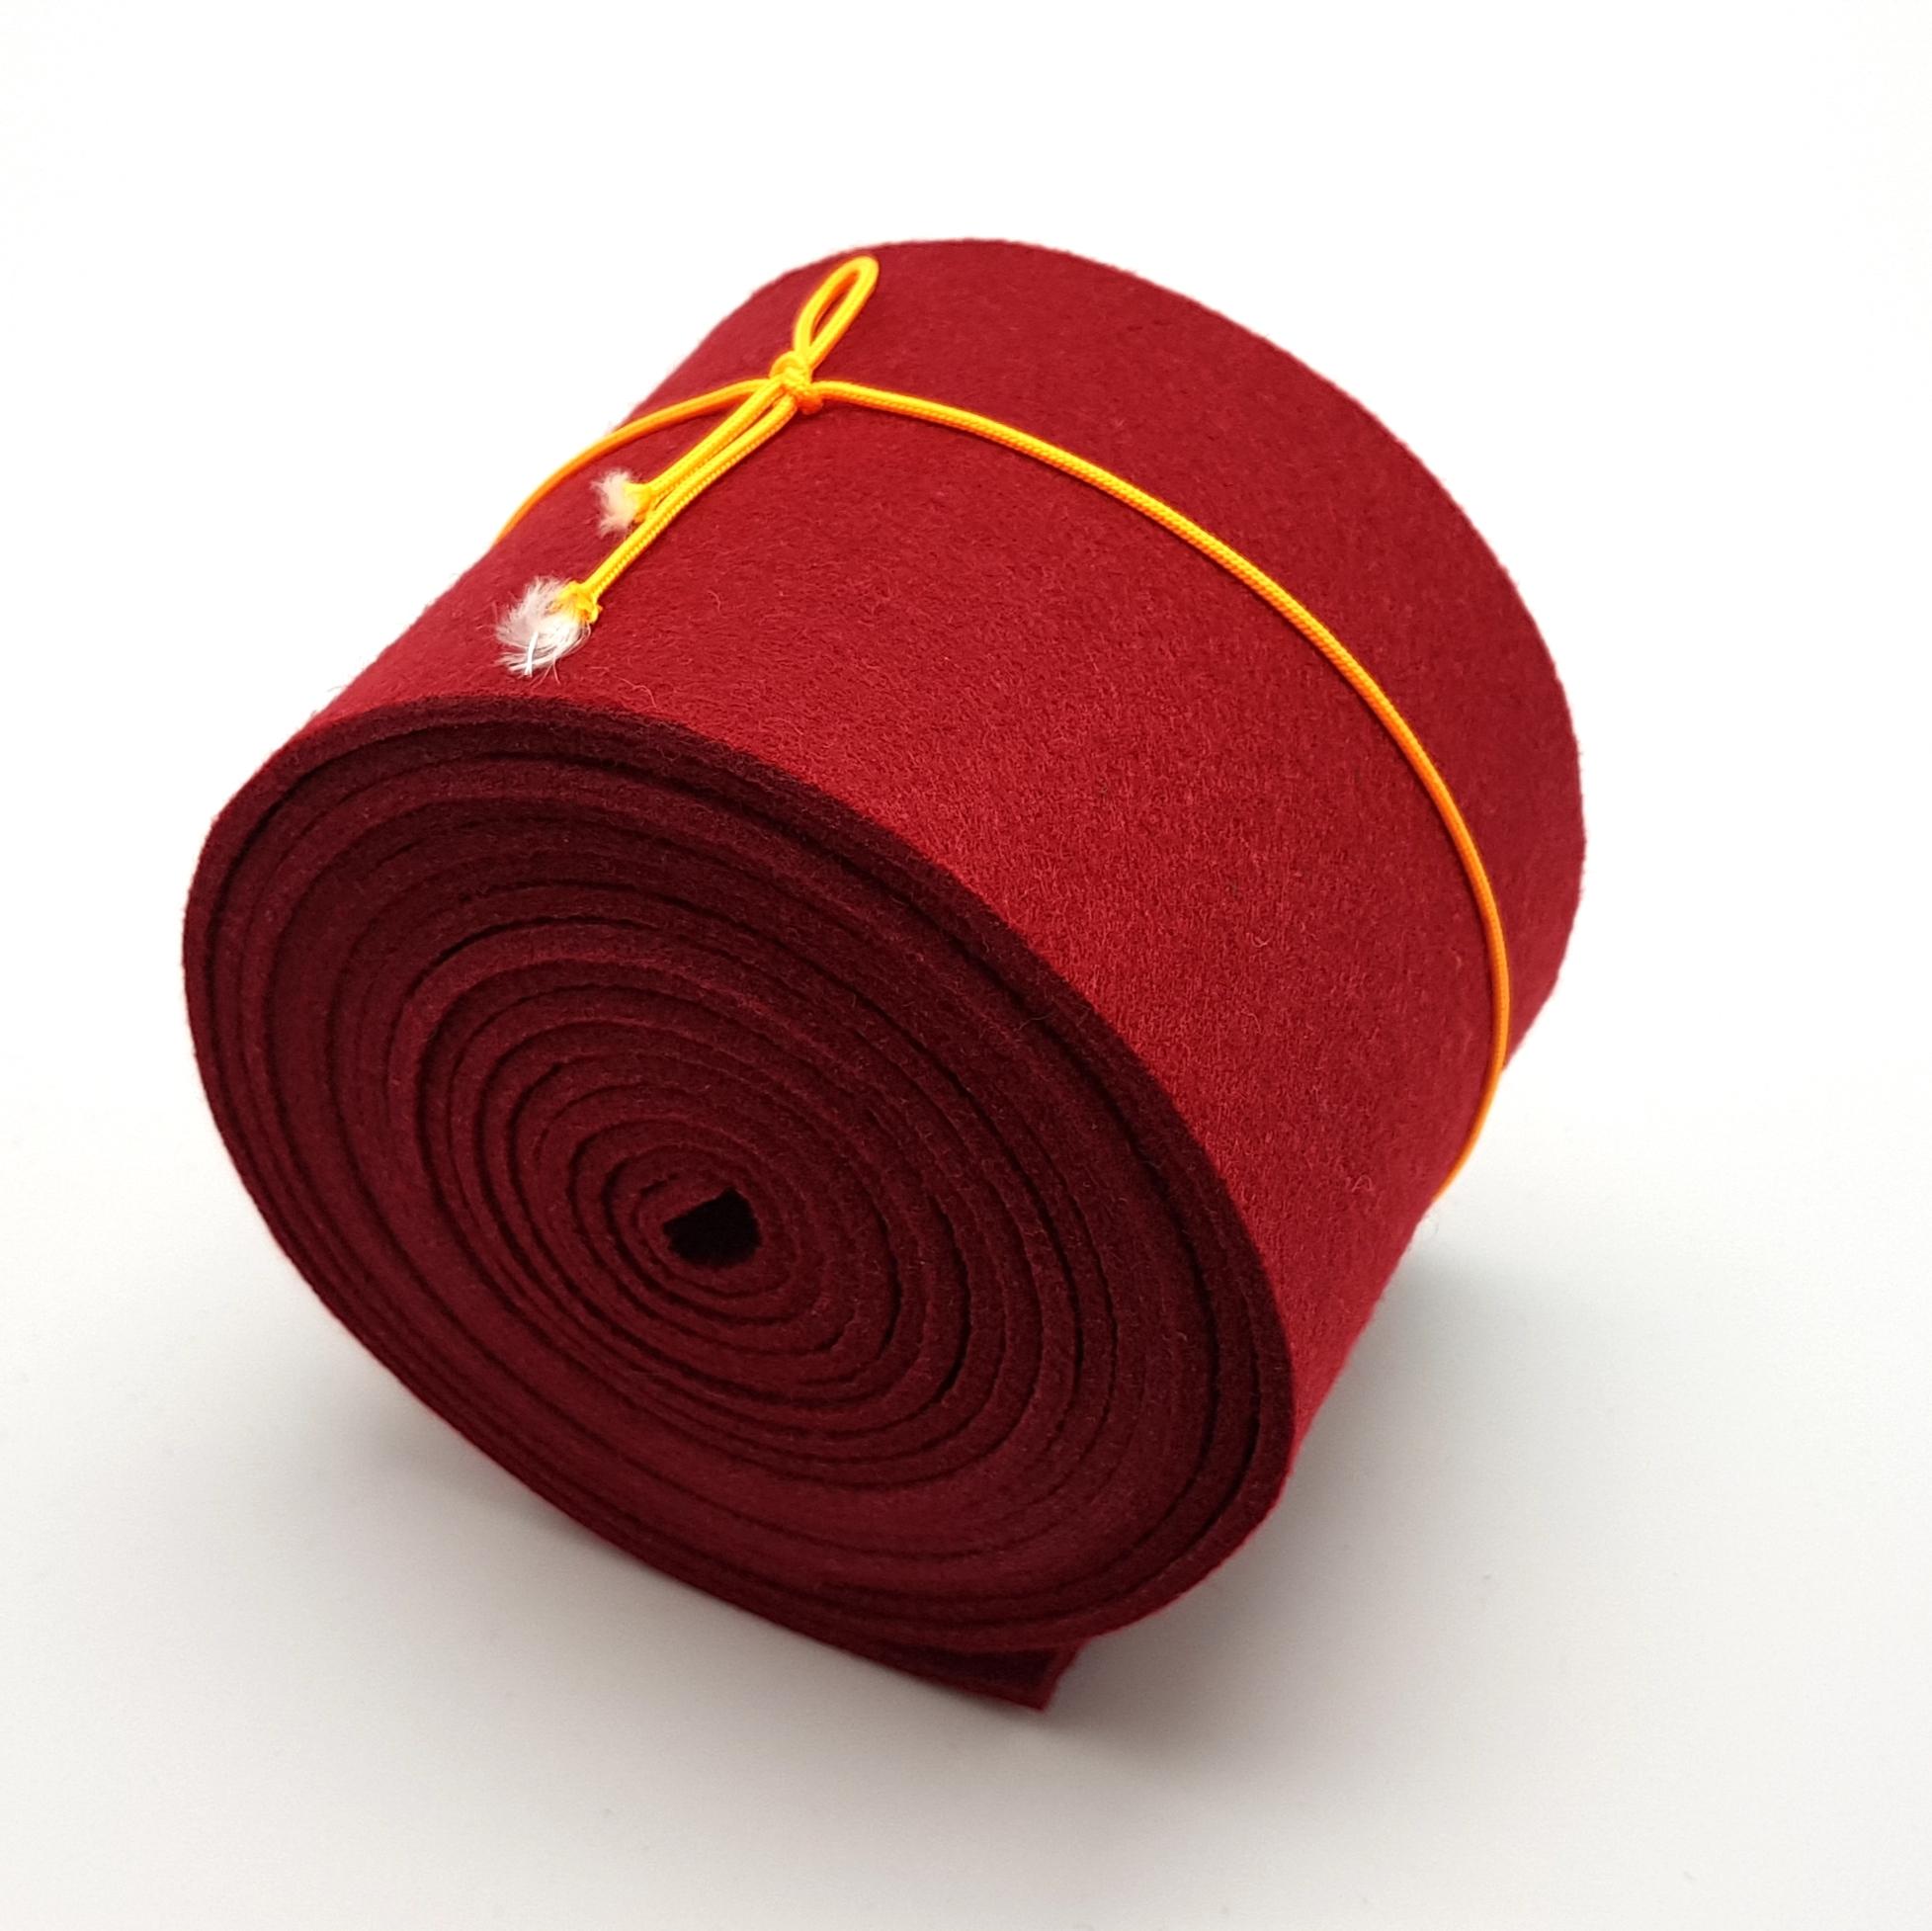 8-cm-rolle-bordeaux - Handgemachte individualisierbare Taschen, Körbe, Tischsets, Dekoartikel und mehr auf fideko.de der Onlineshop seit 2011